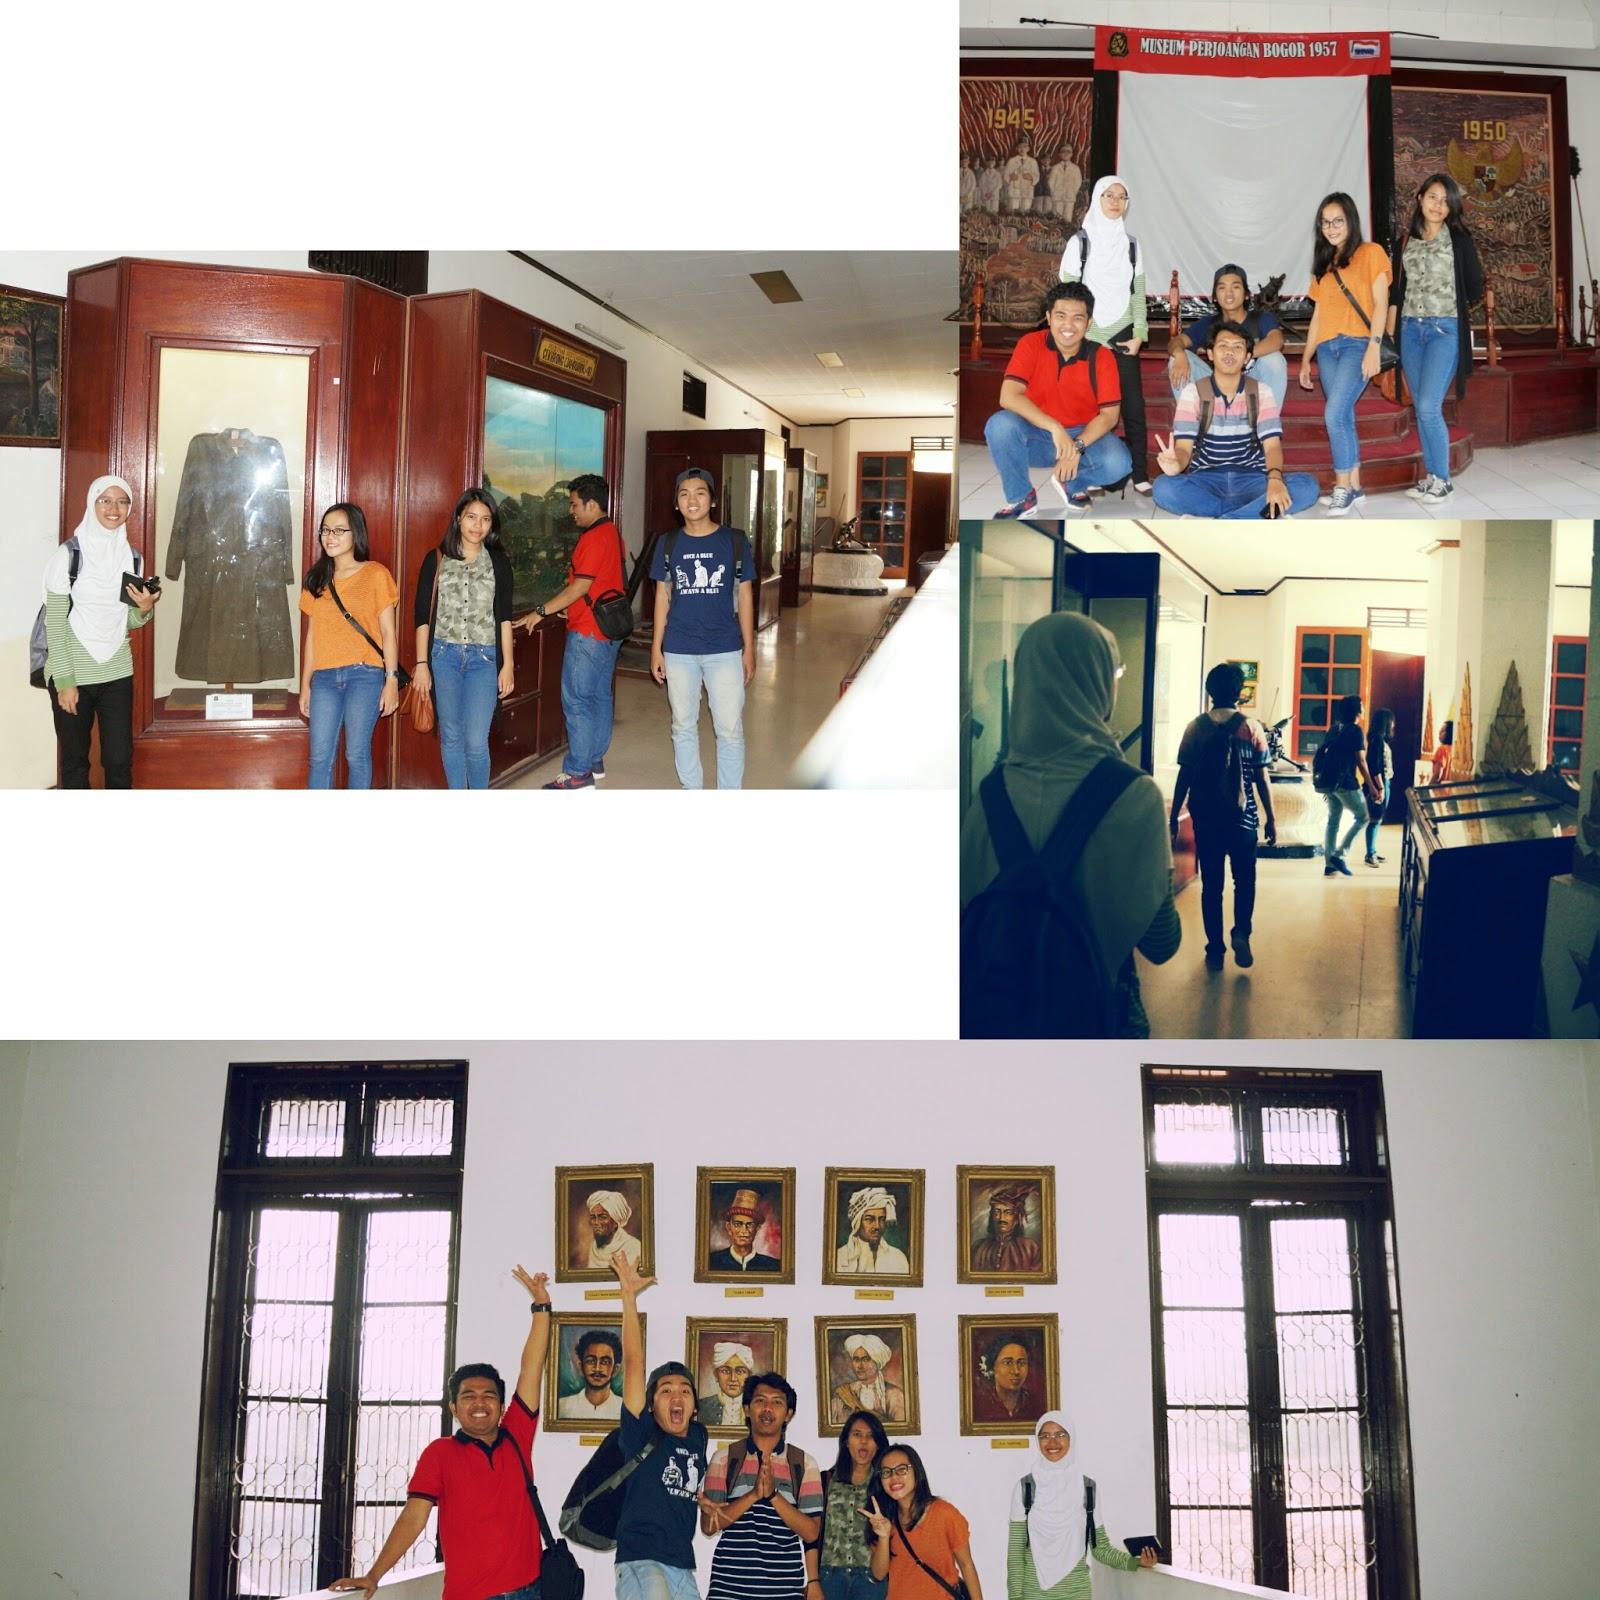 Pendidikan Kewarganegaraan Review Museum Perjuangan Bogor Perjalanan Pembela Tanah Air